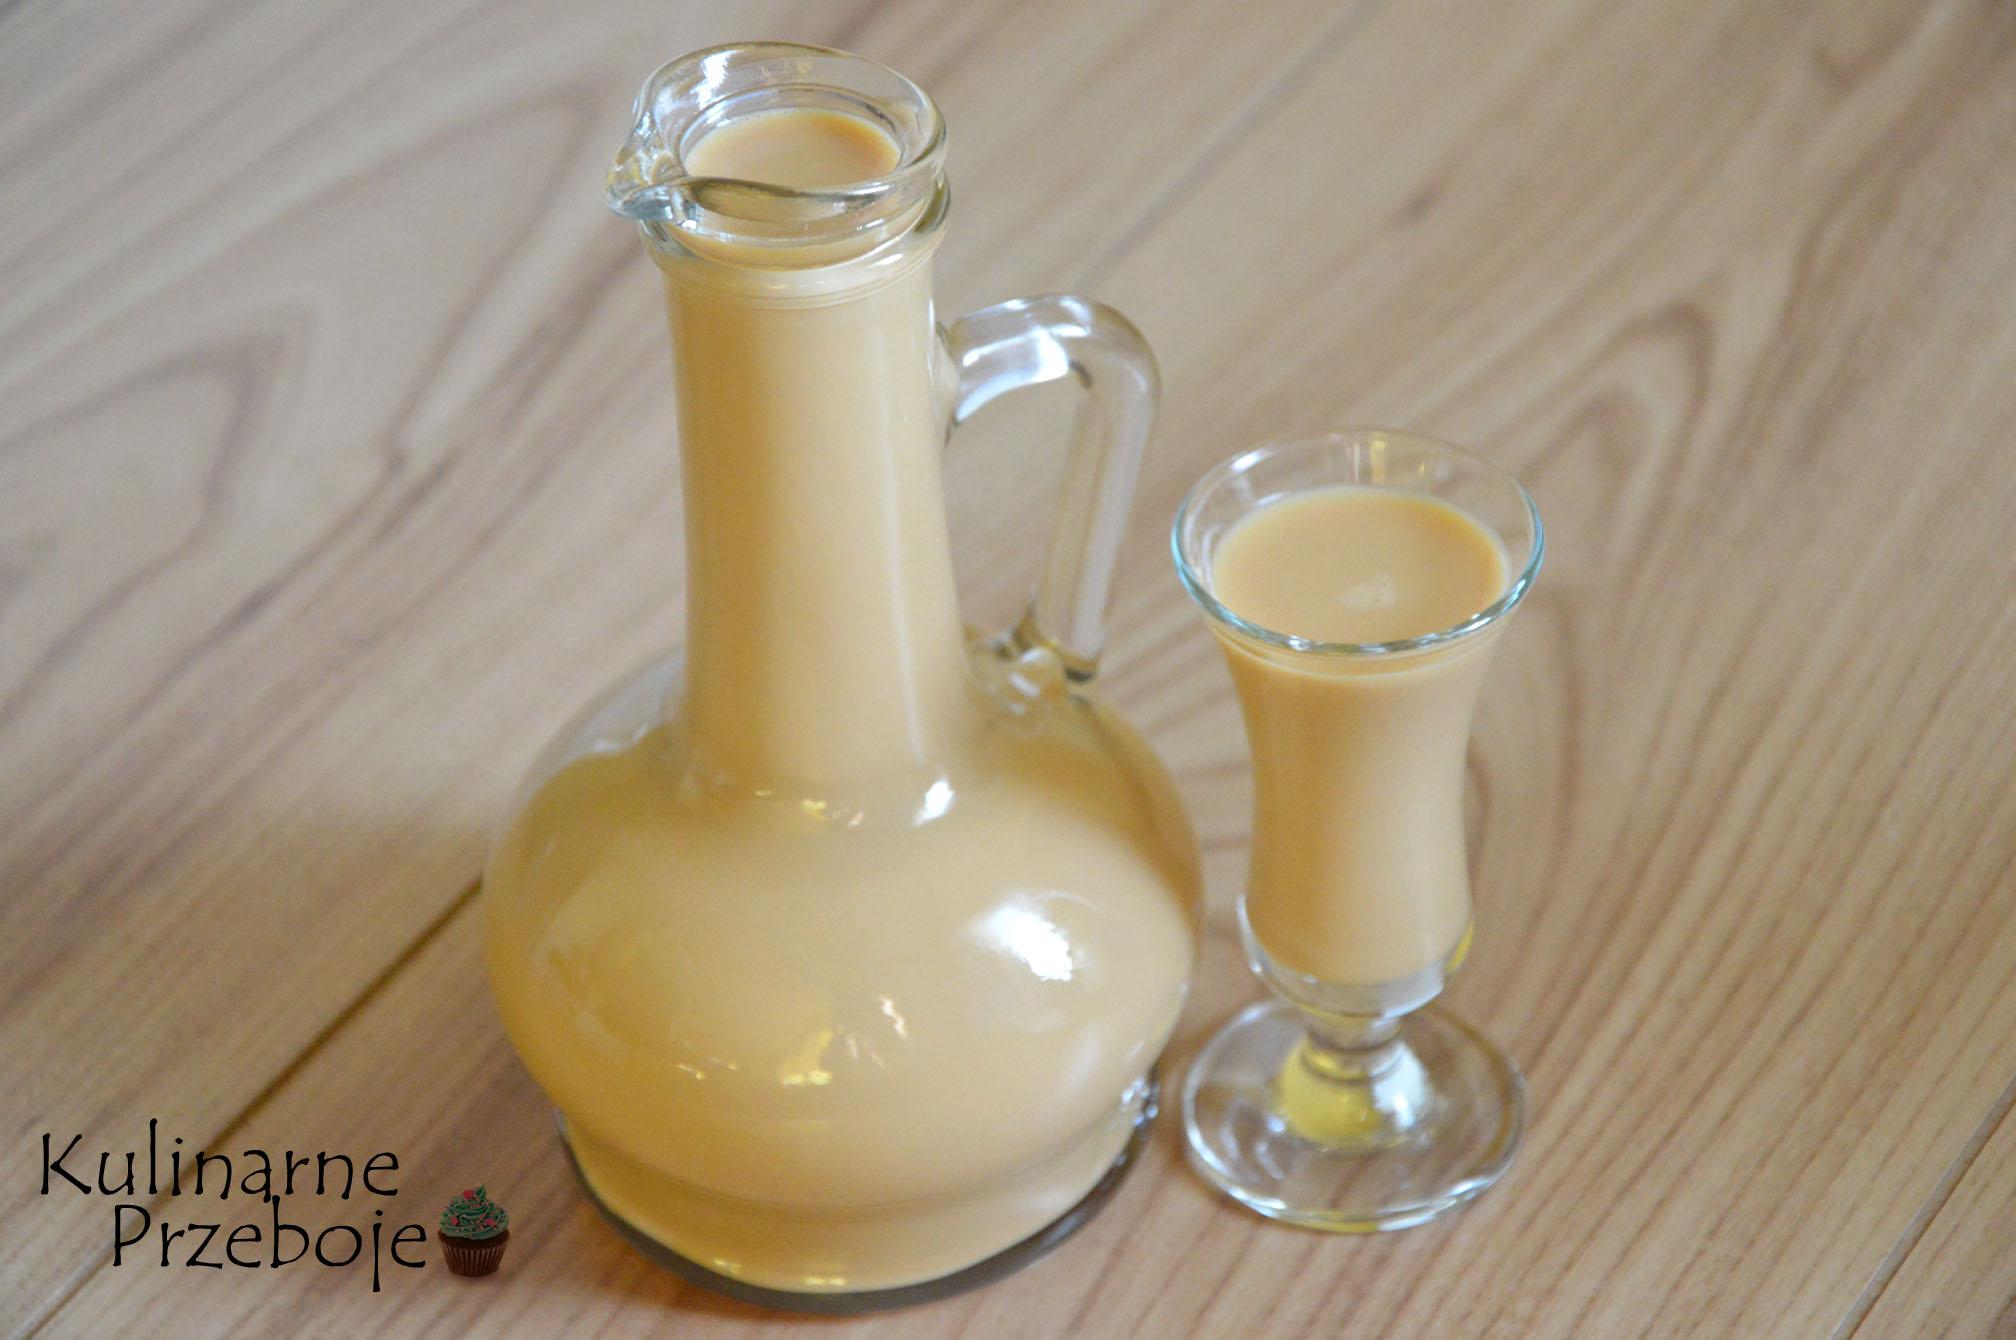 Szybki likier mleczny